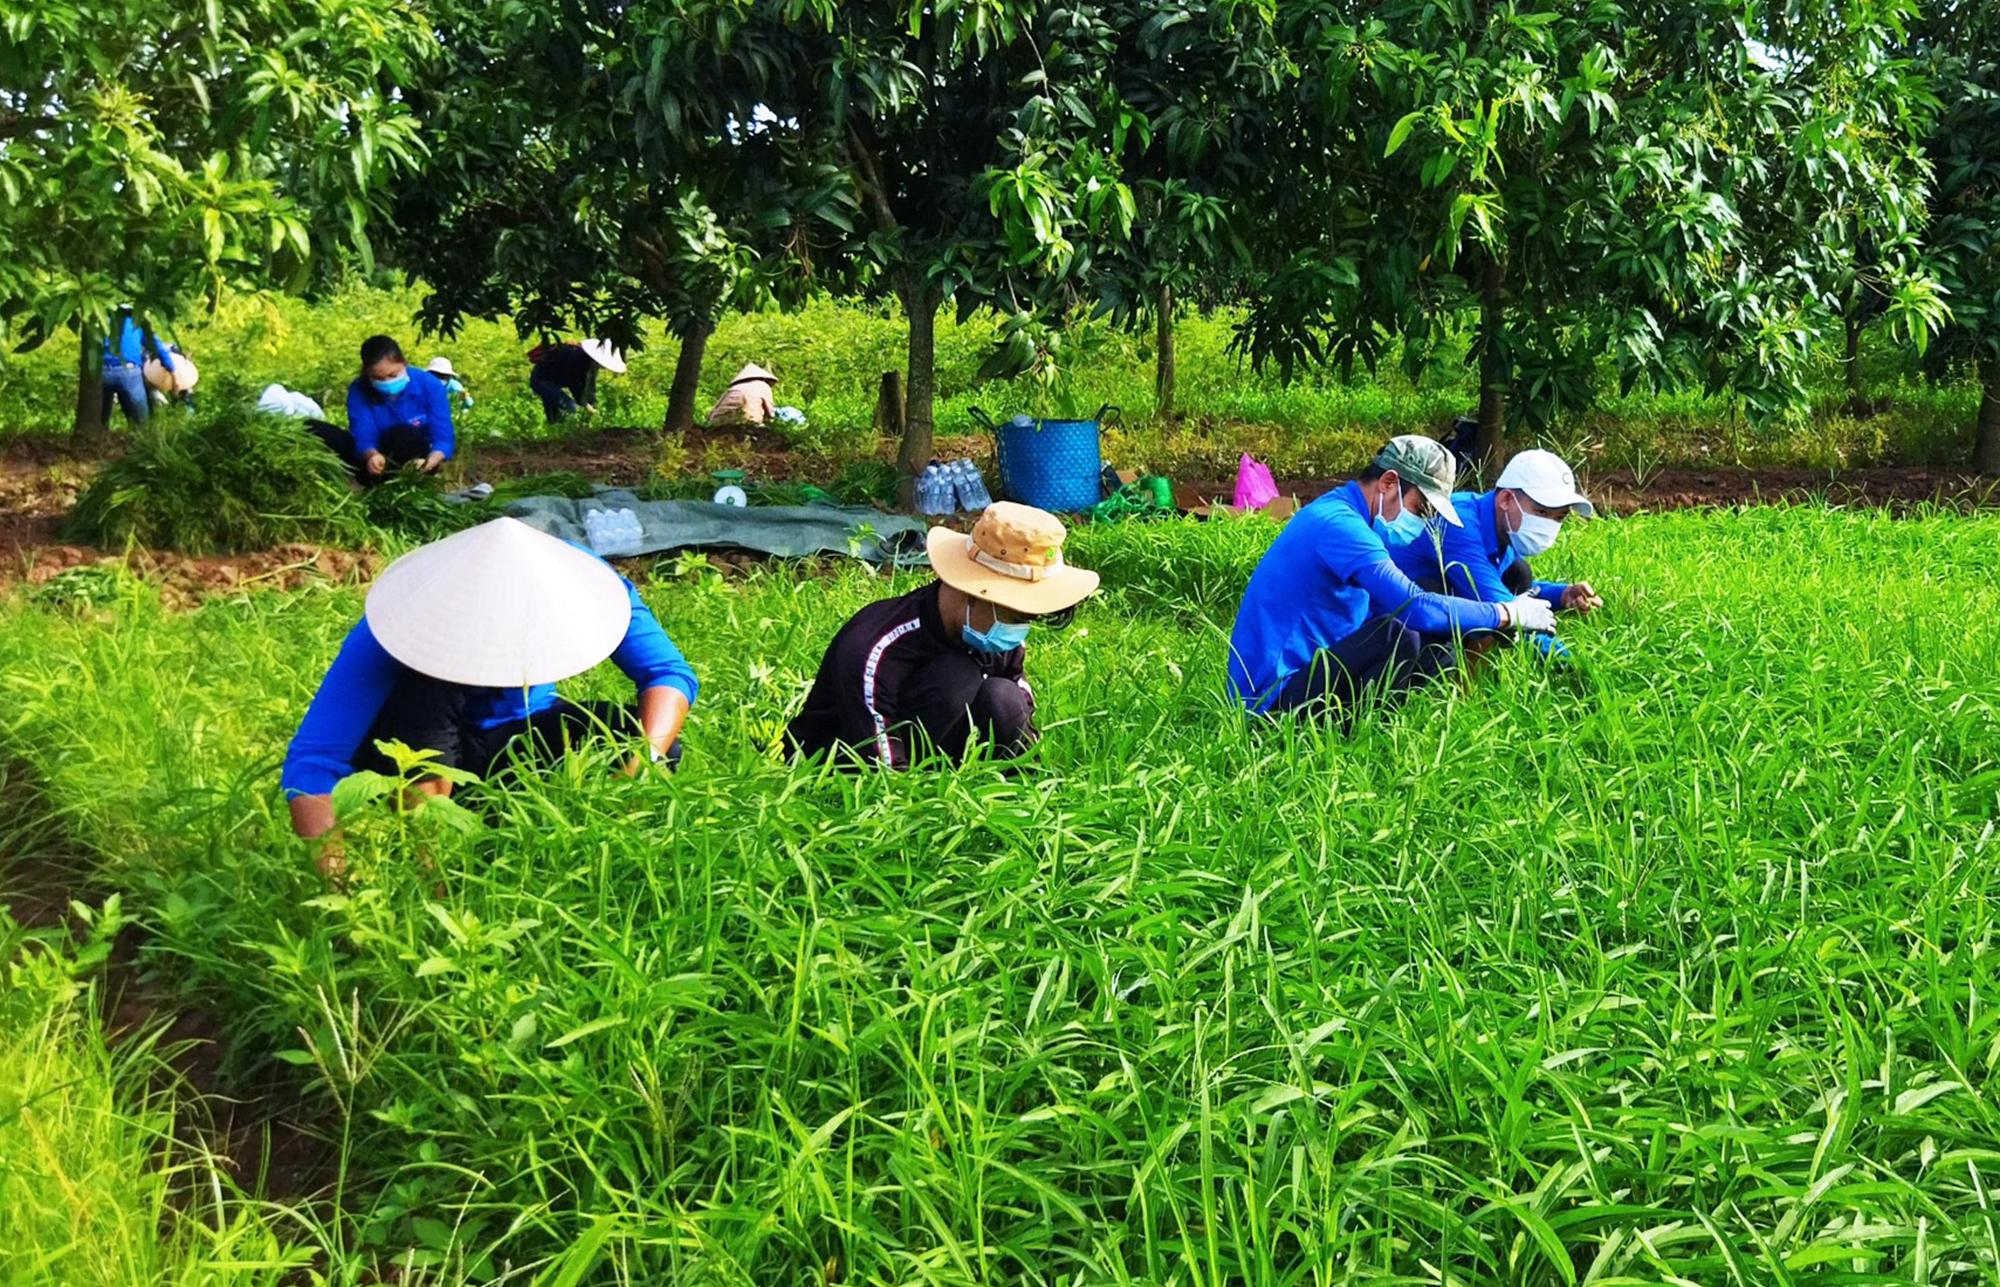 Nhóm đoàn viên ở thành phố Cao Lãnh cắt rau muống giúp dân bị phong toả. Ảnh: Linh Lê